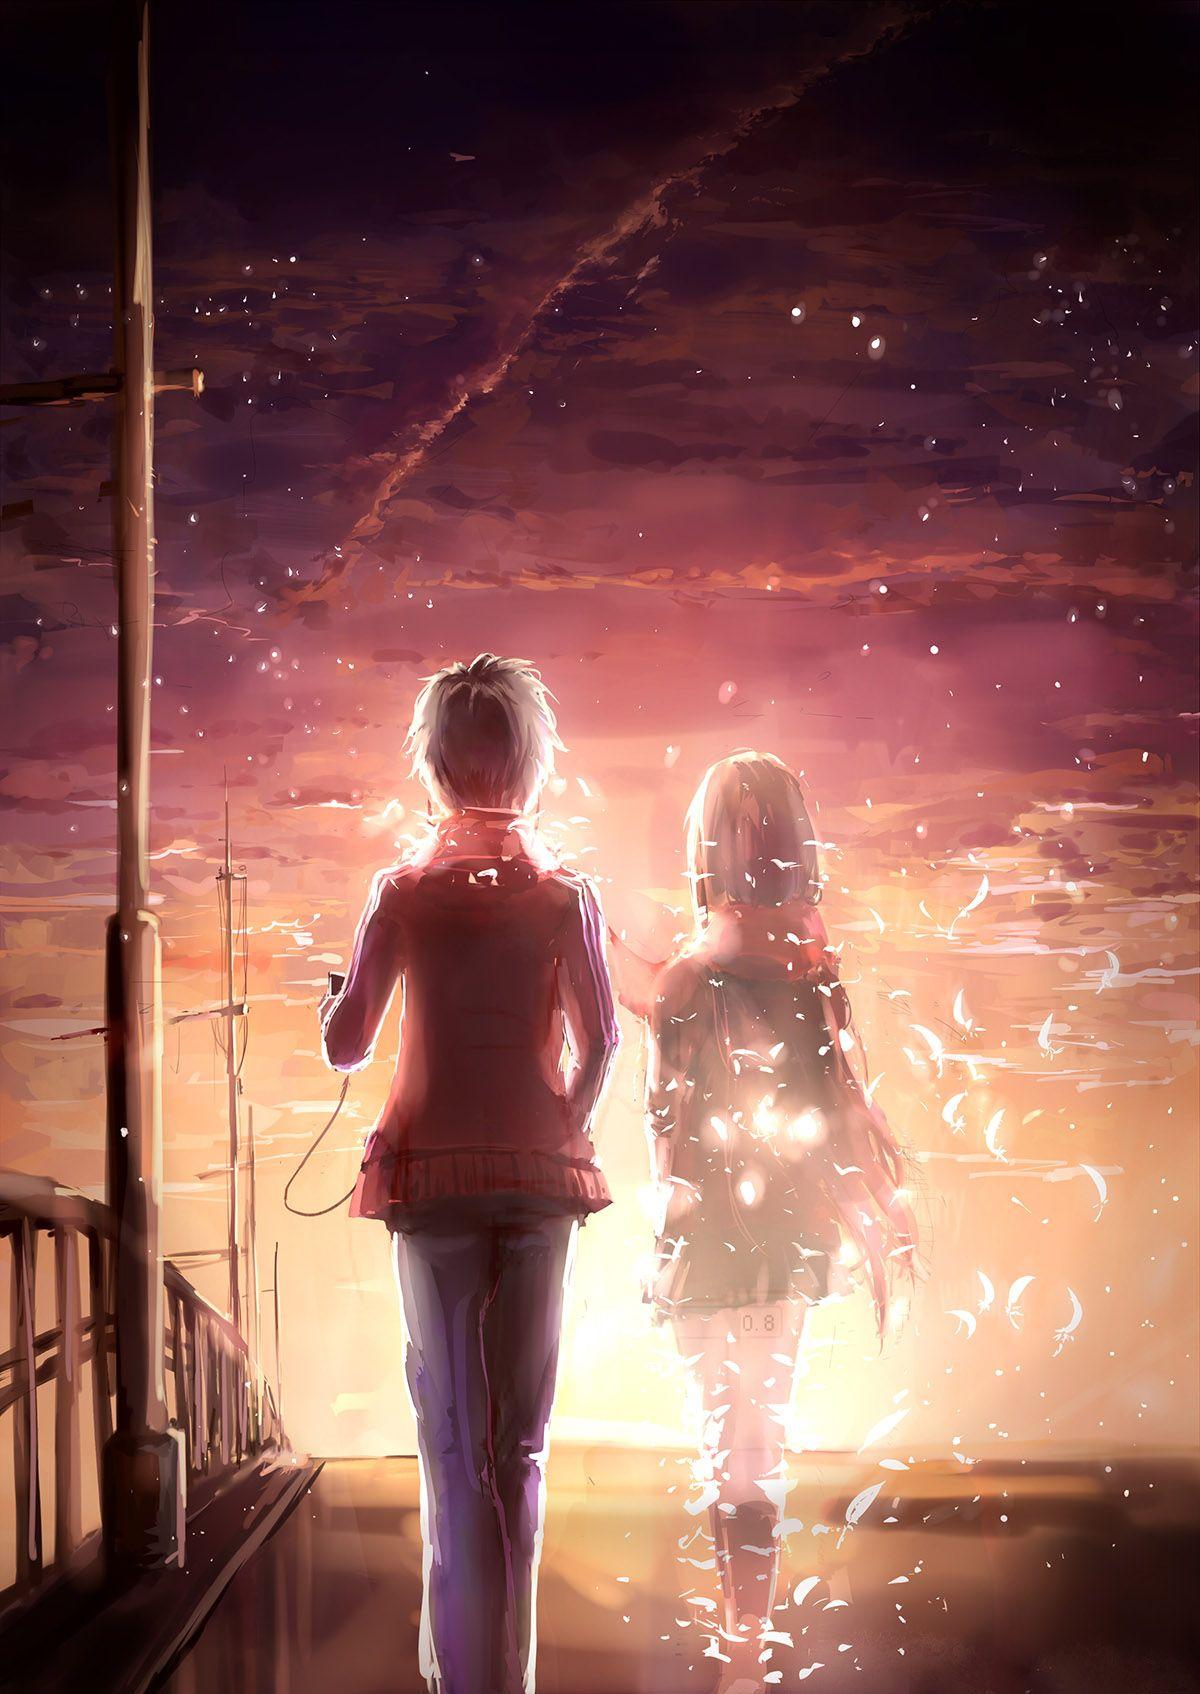 Ghim của Courtney Broadnax trên Anime Hình ảnh, Anime